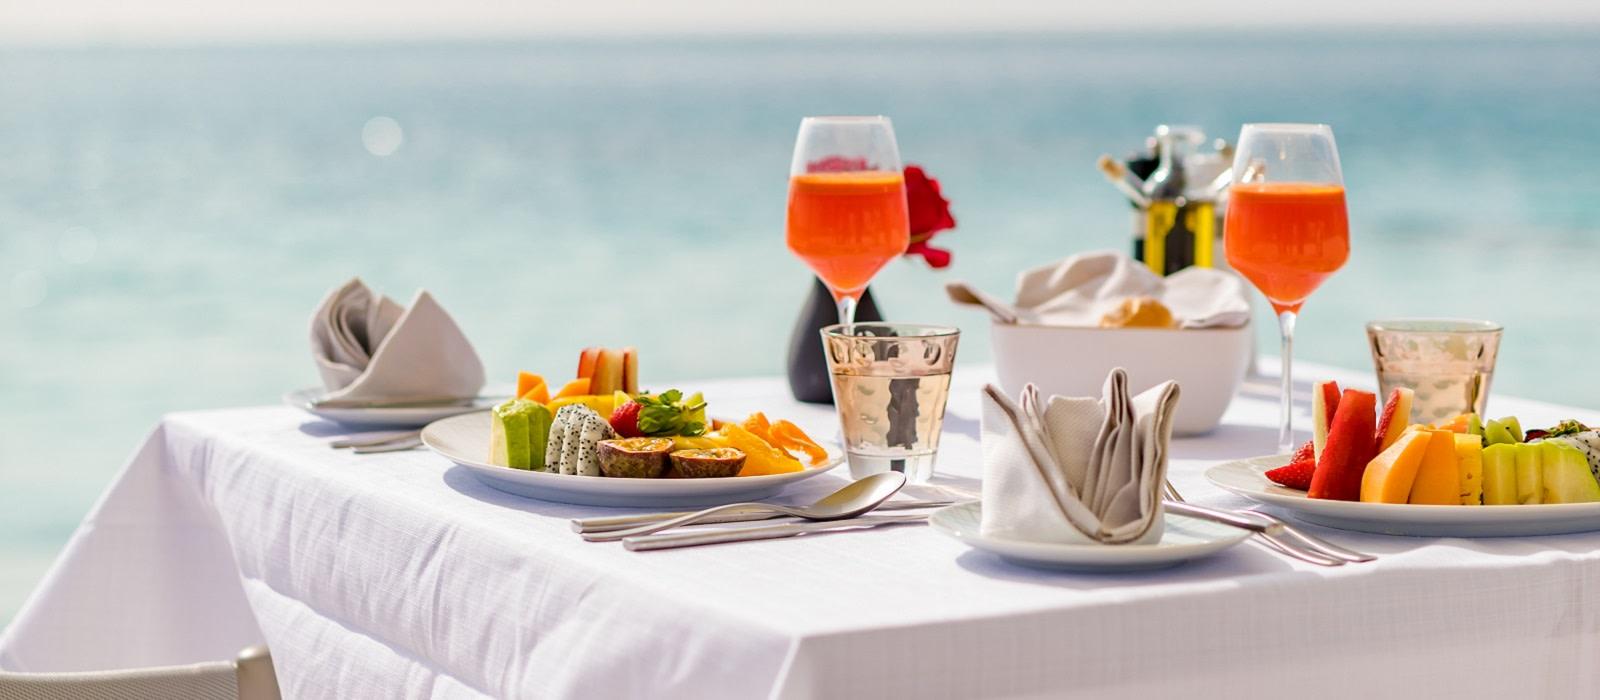 cuisine in Maldives